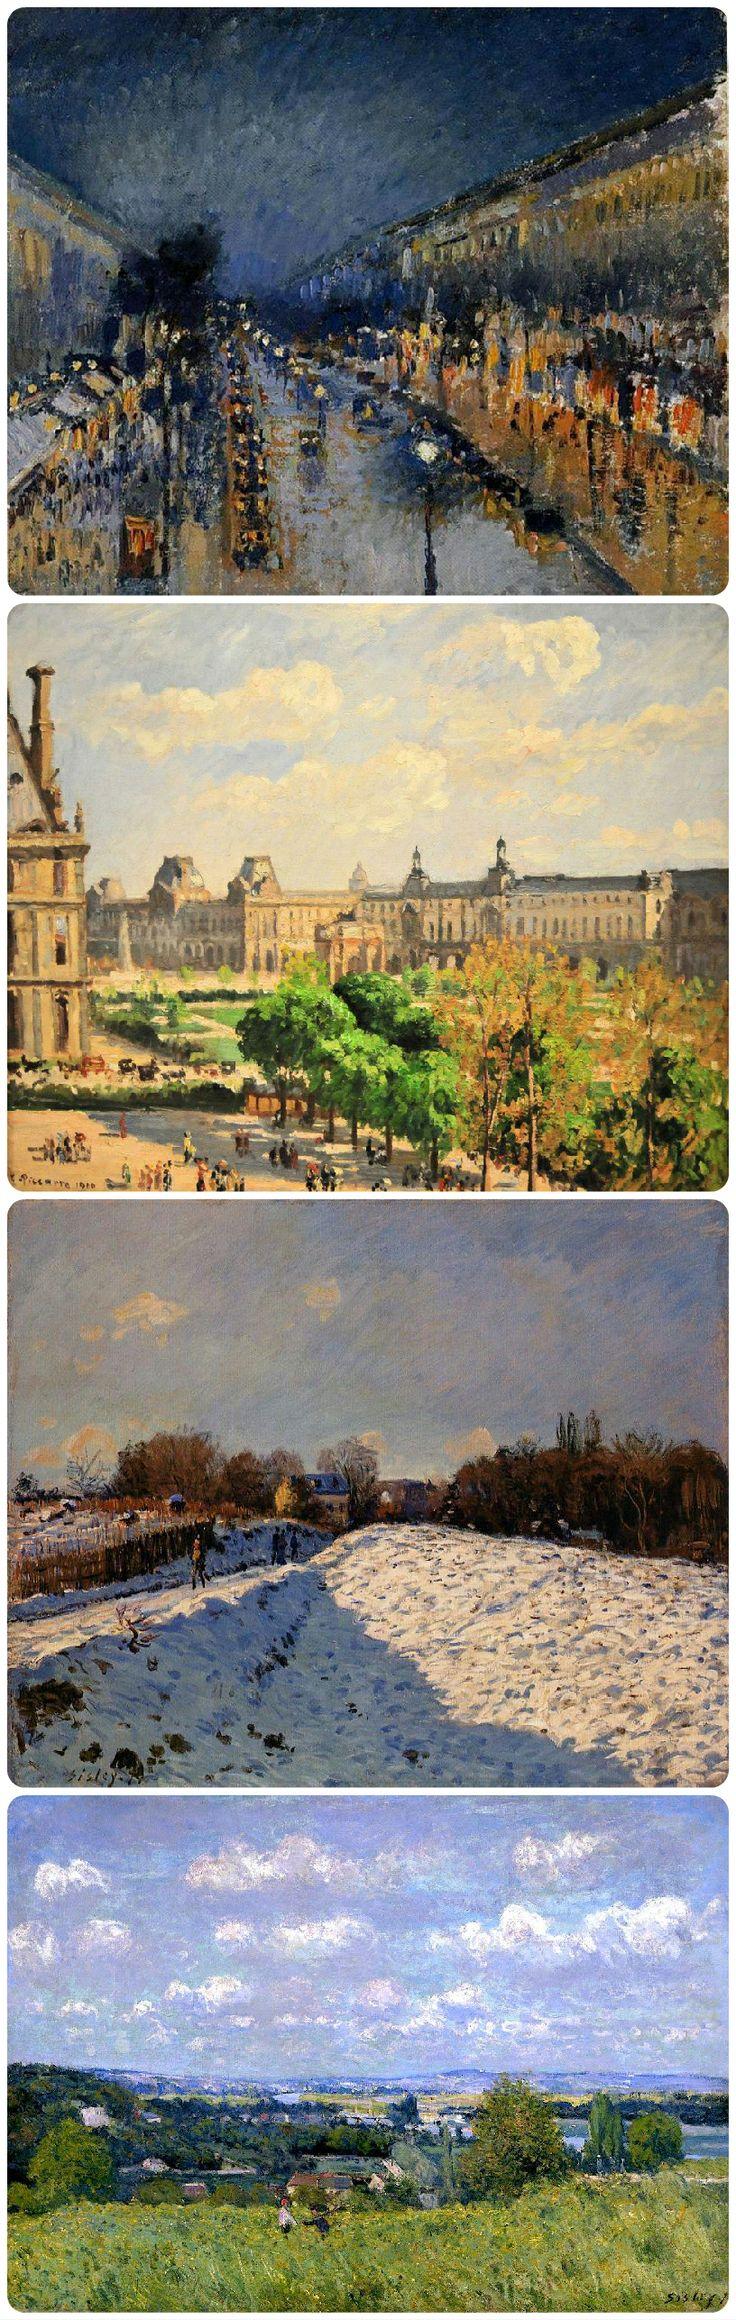 Tipici quadri impressionisti. Dall'altro: Camille Pissarro, boulevard di Montmartre di notte, 1897; place du Carousel, 1900. Alfred Sisley, neve ad Argenteuil, 1874; valle della Senna a Saint-Cloud, 1875.